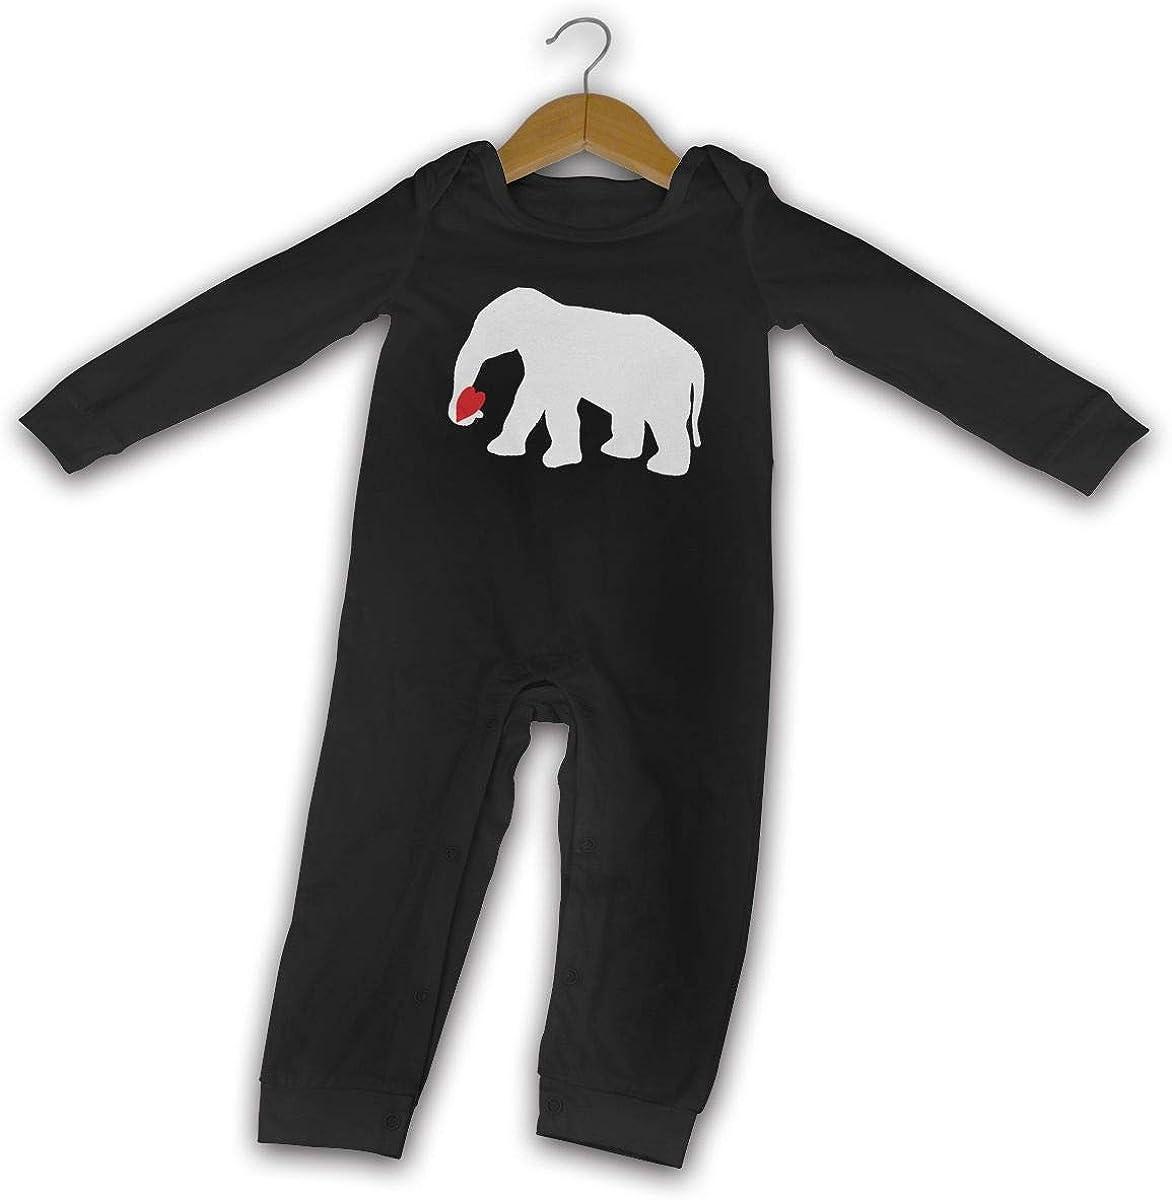 Cute Elephant Love Heart Printed Baby Bodysuit Long Sleeve Romper Black